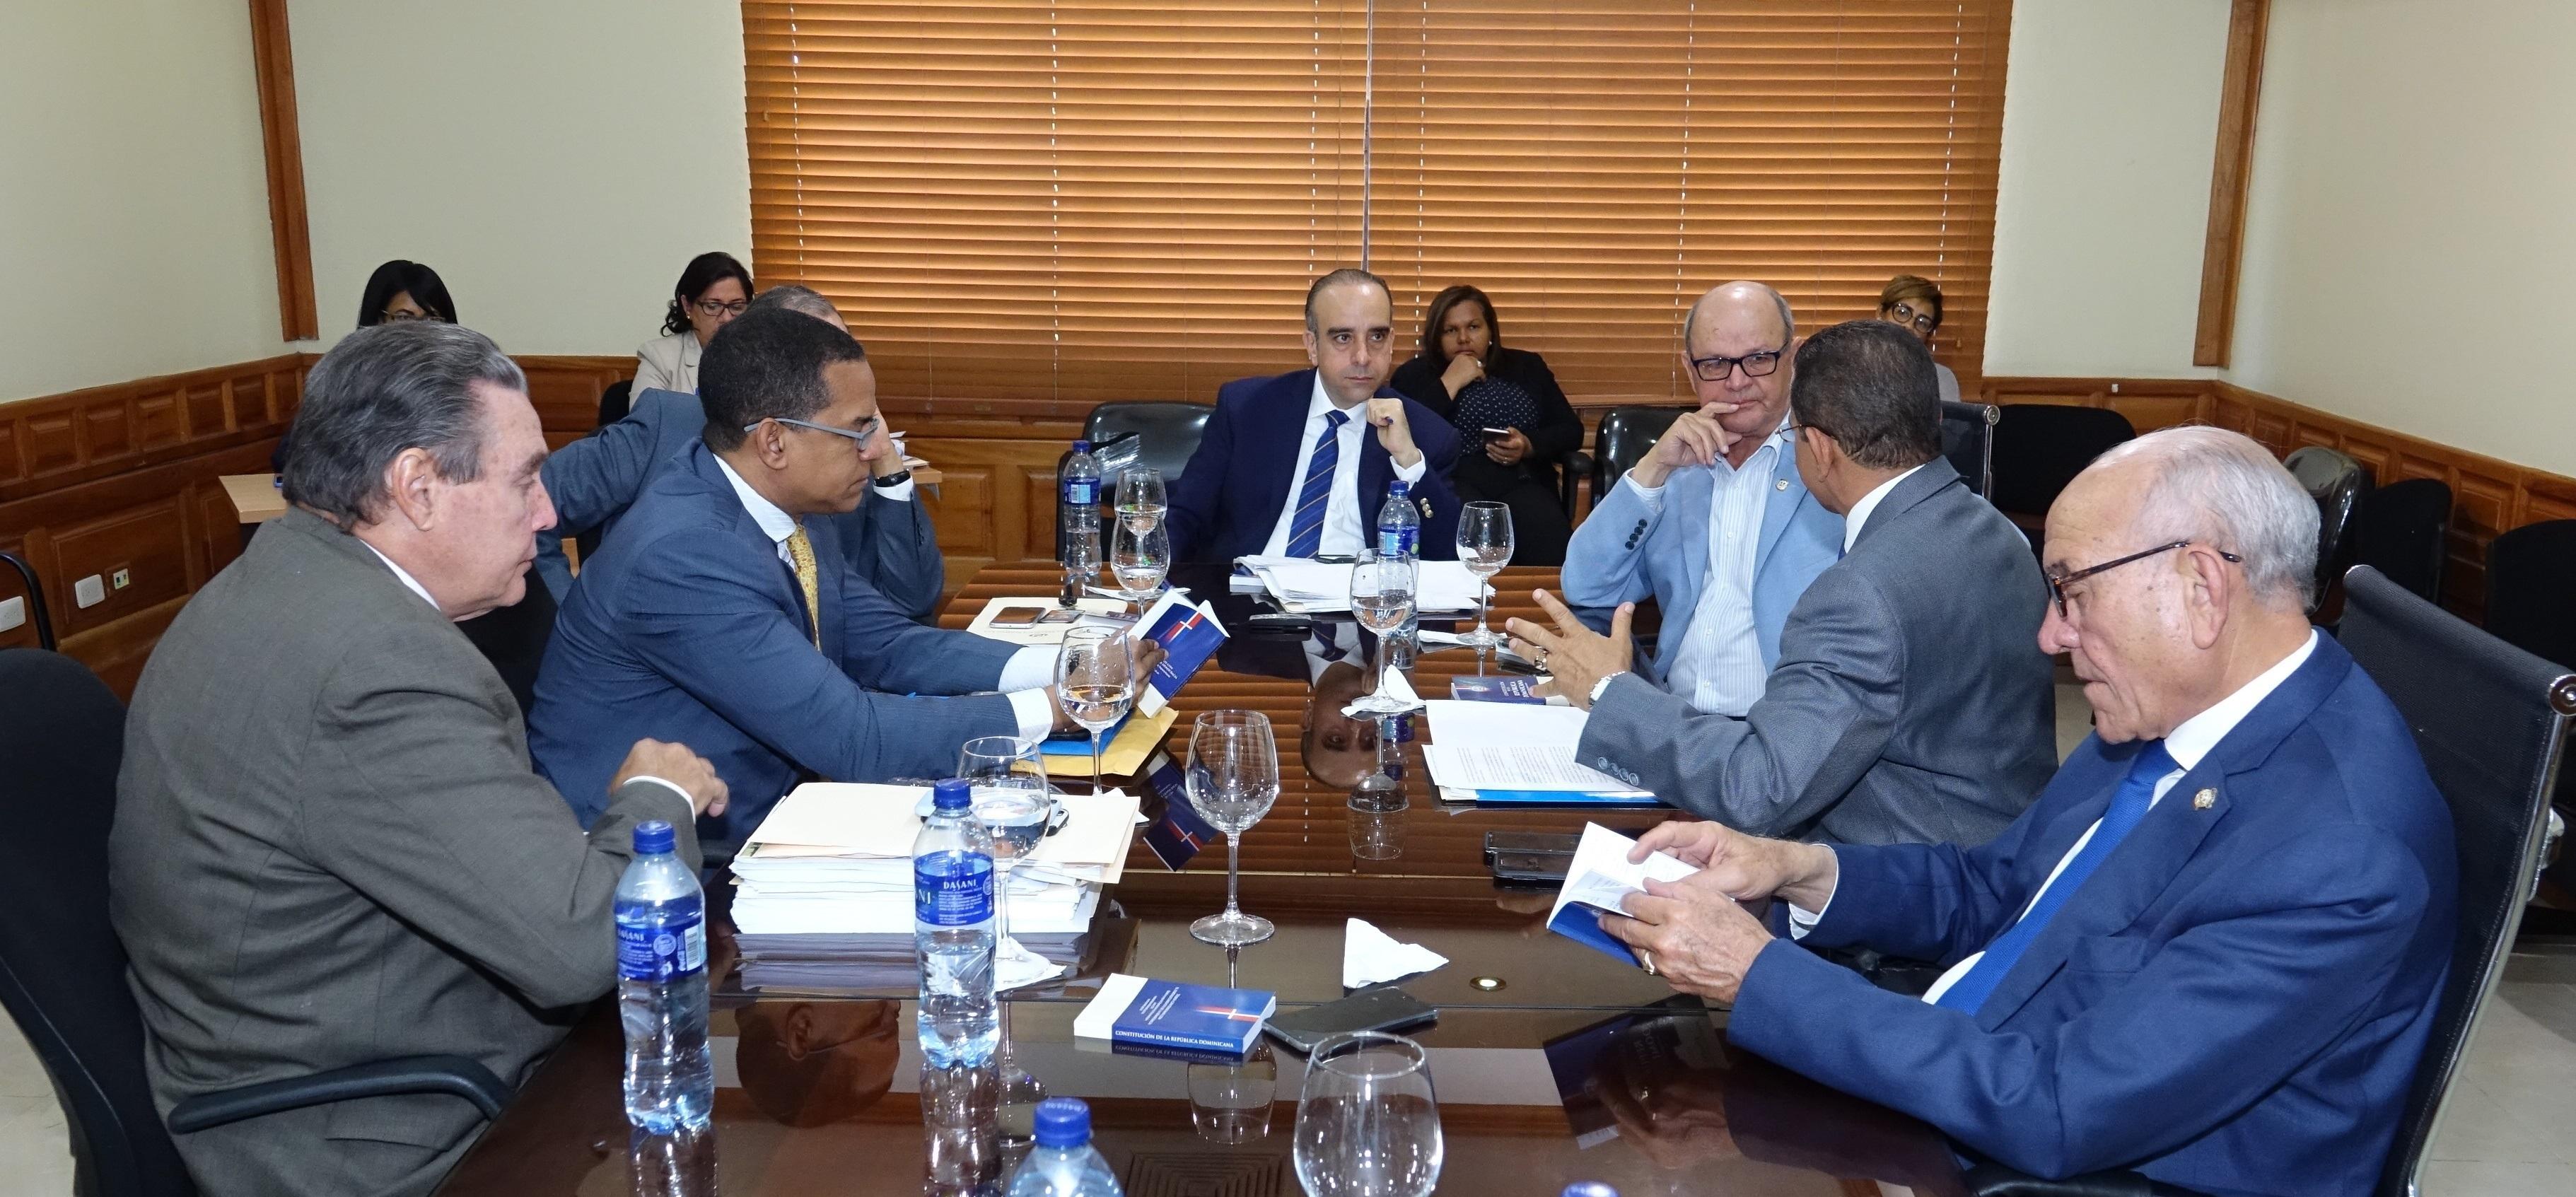 Comisión estudia ley de partidos recomienda primarias abiertas